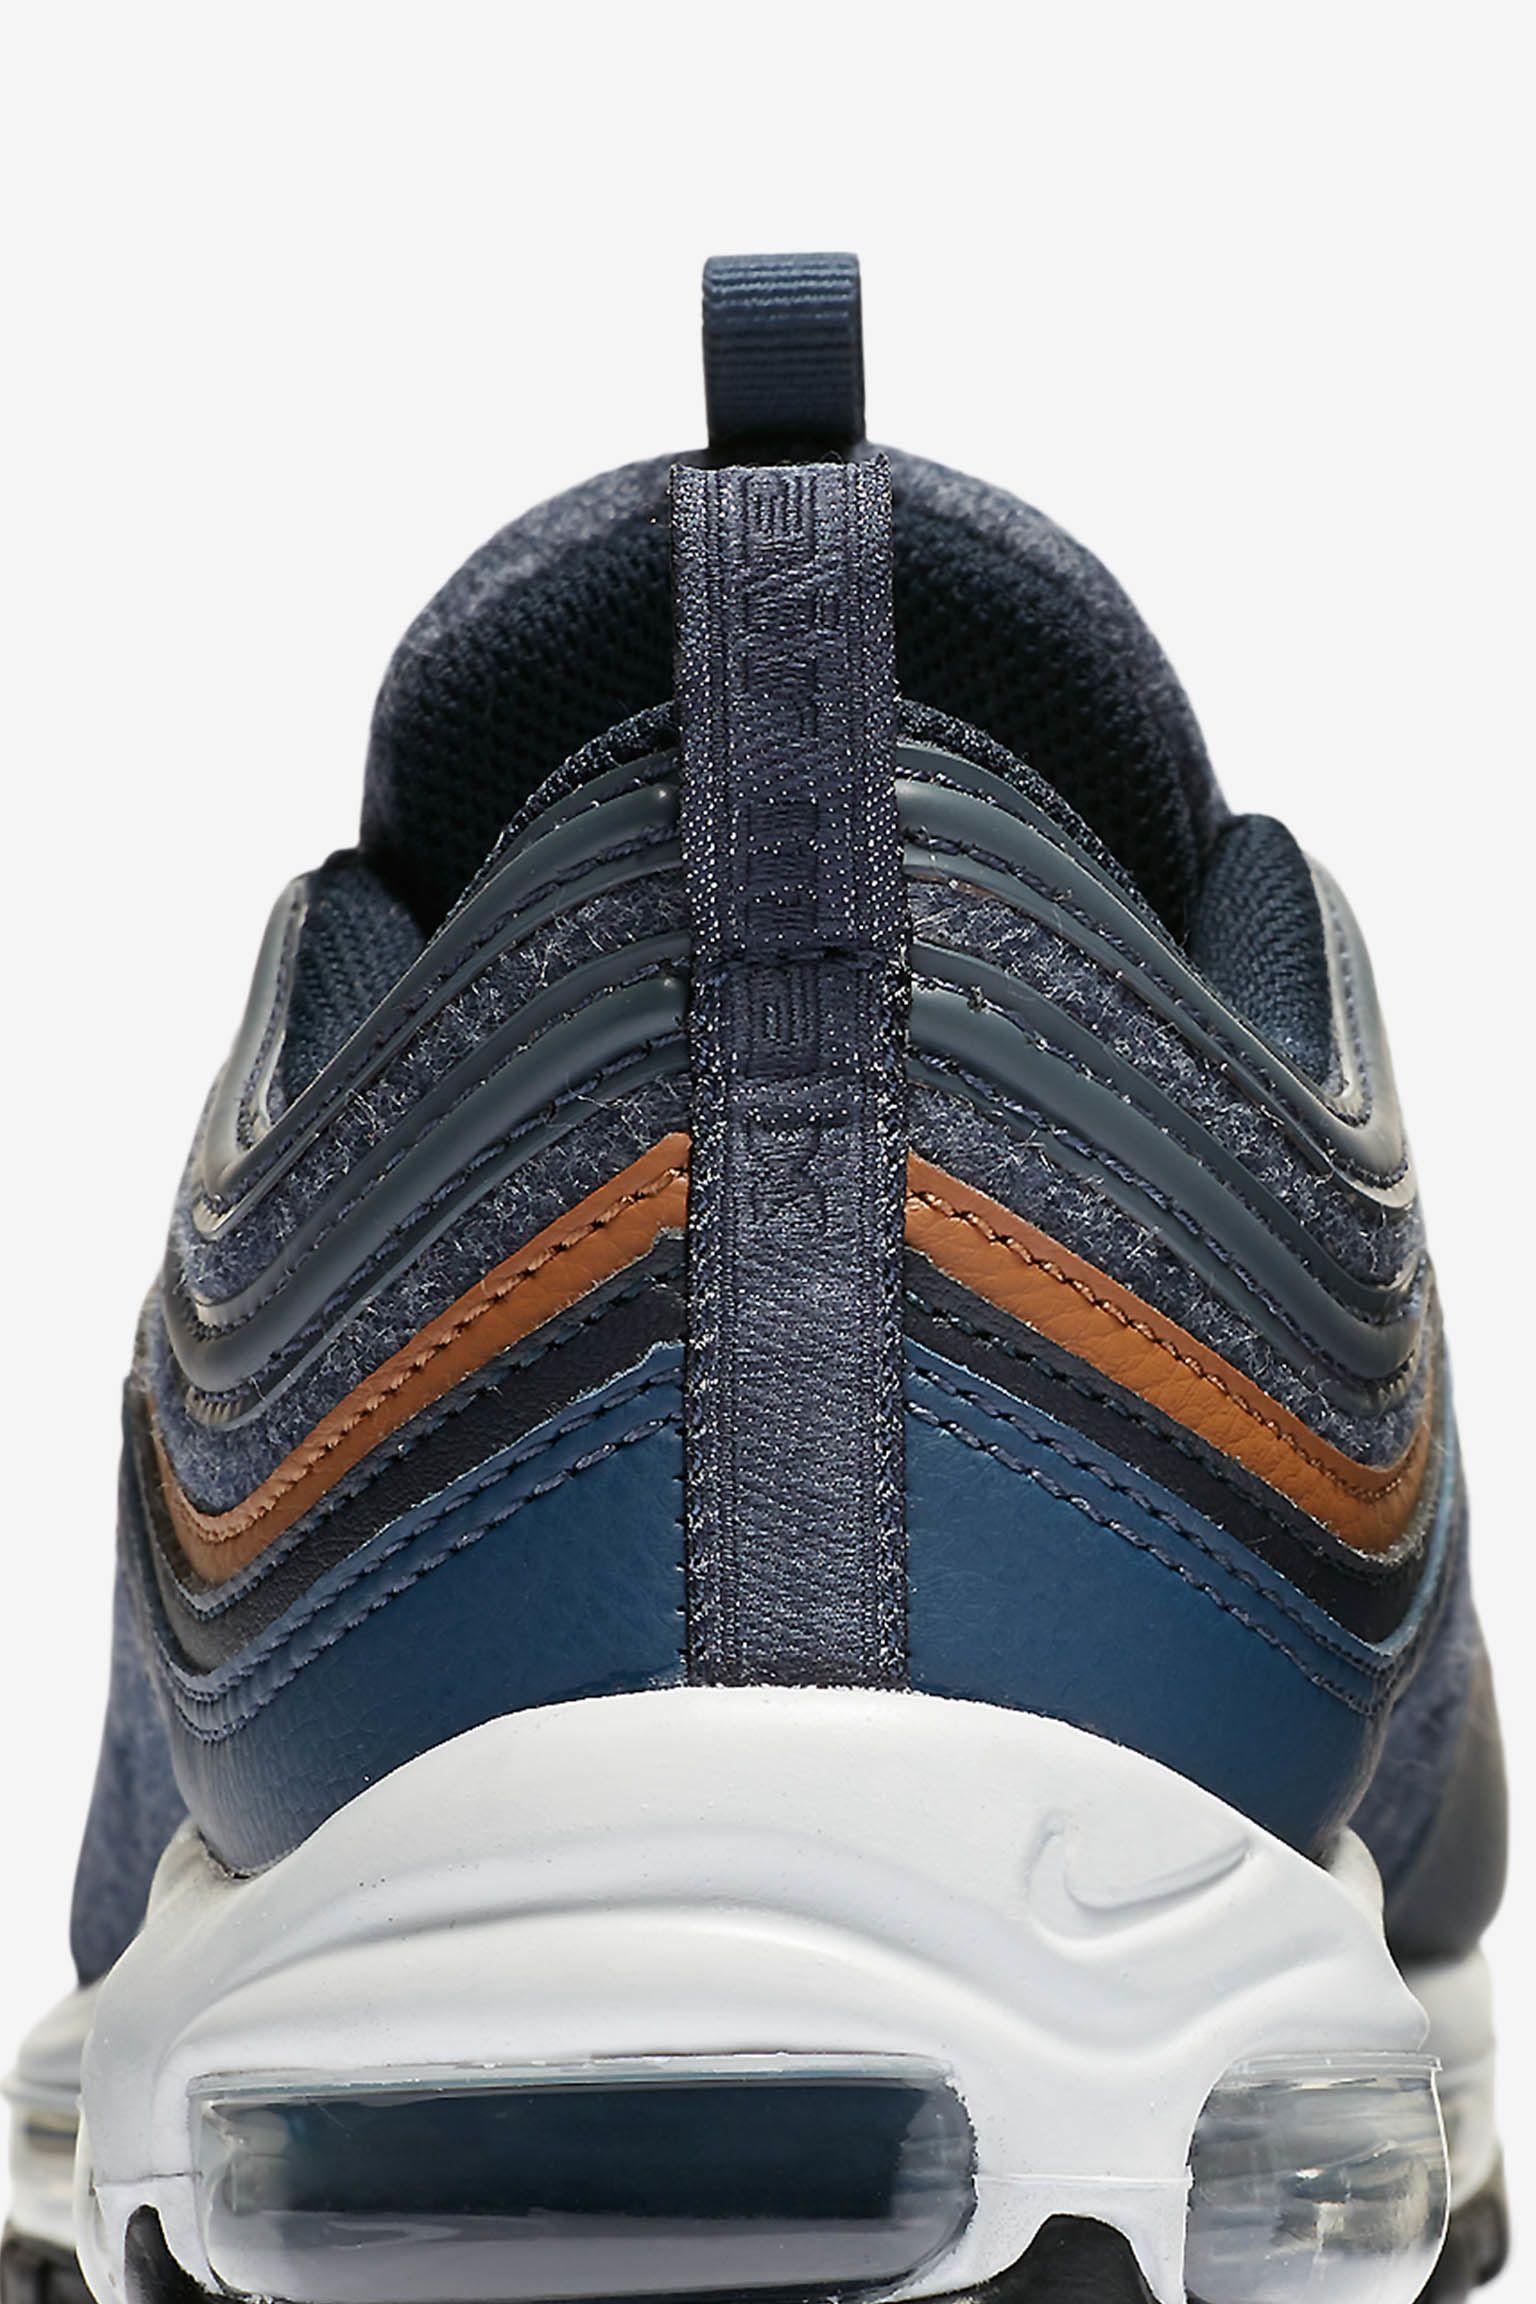 7b5d504351b1 Nike Air Max 97 Premium  Thunder Blue  amp  Dark Obsidian  Release ...